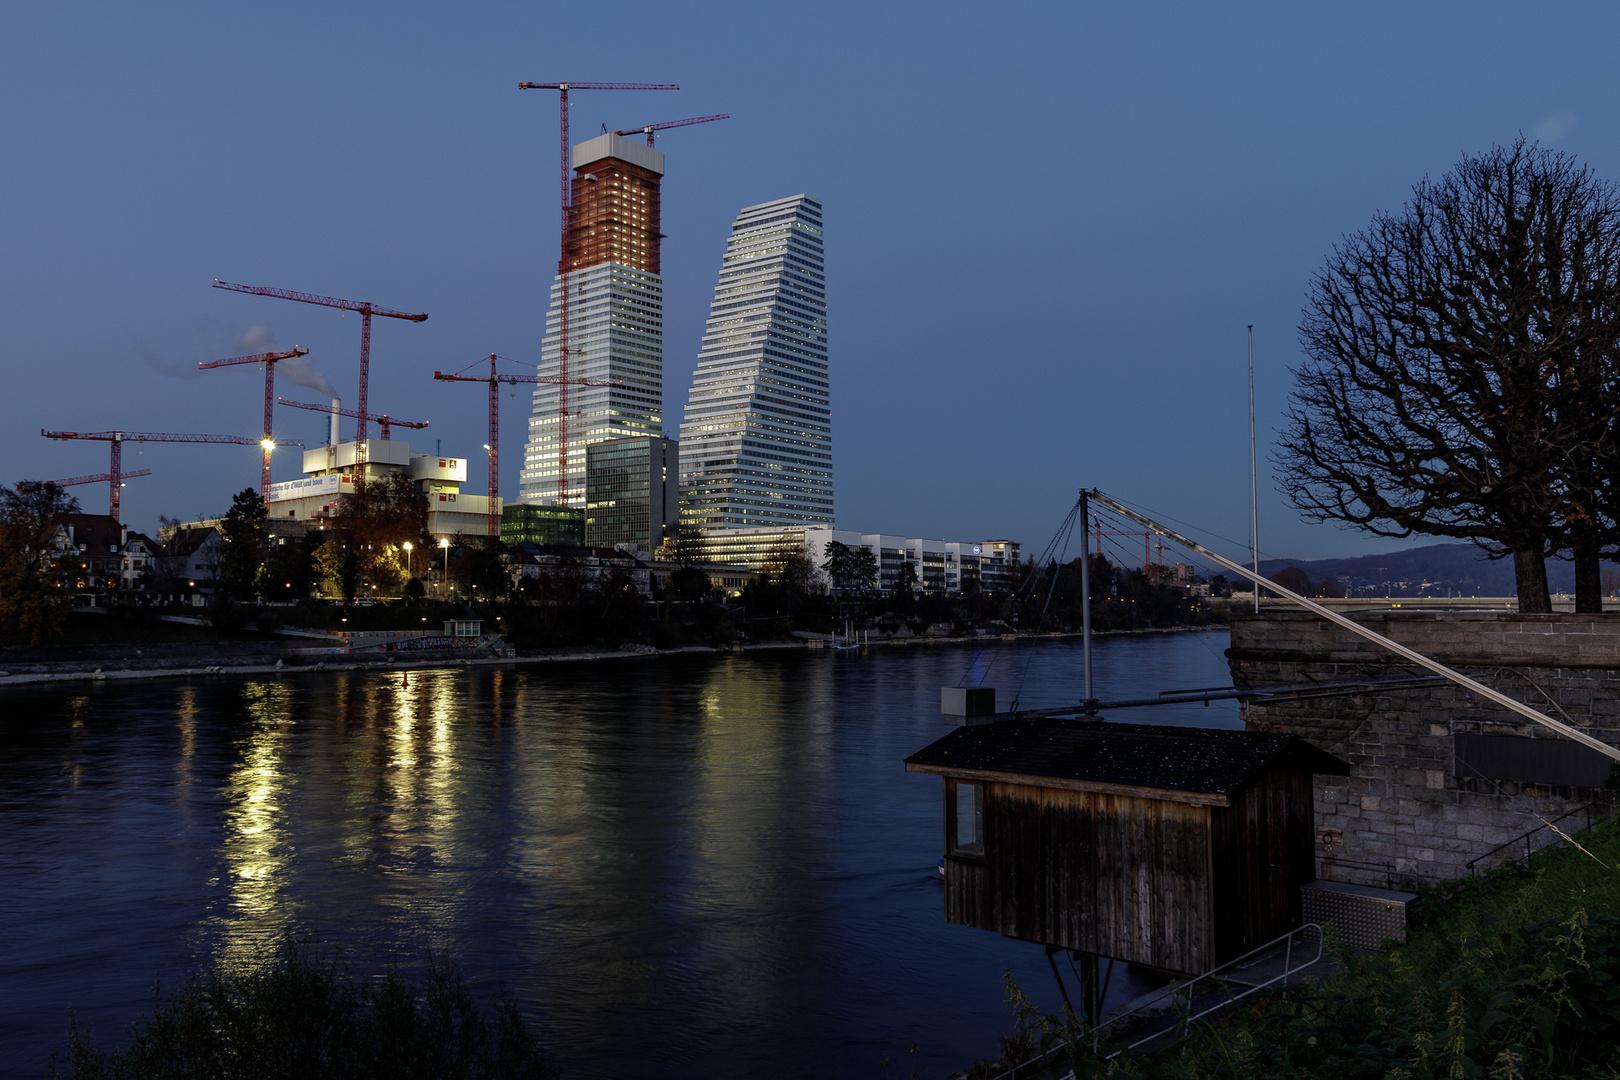 Baustelle Roche Basel (2)